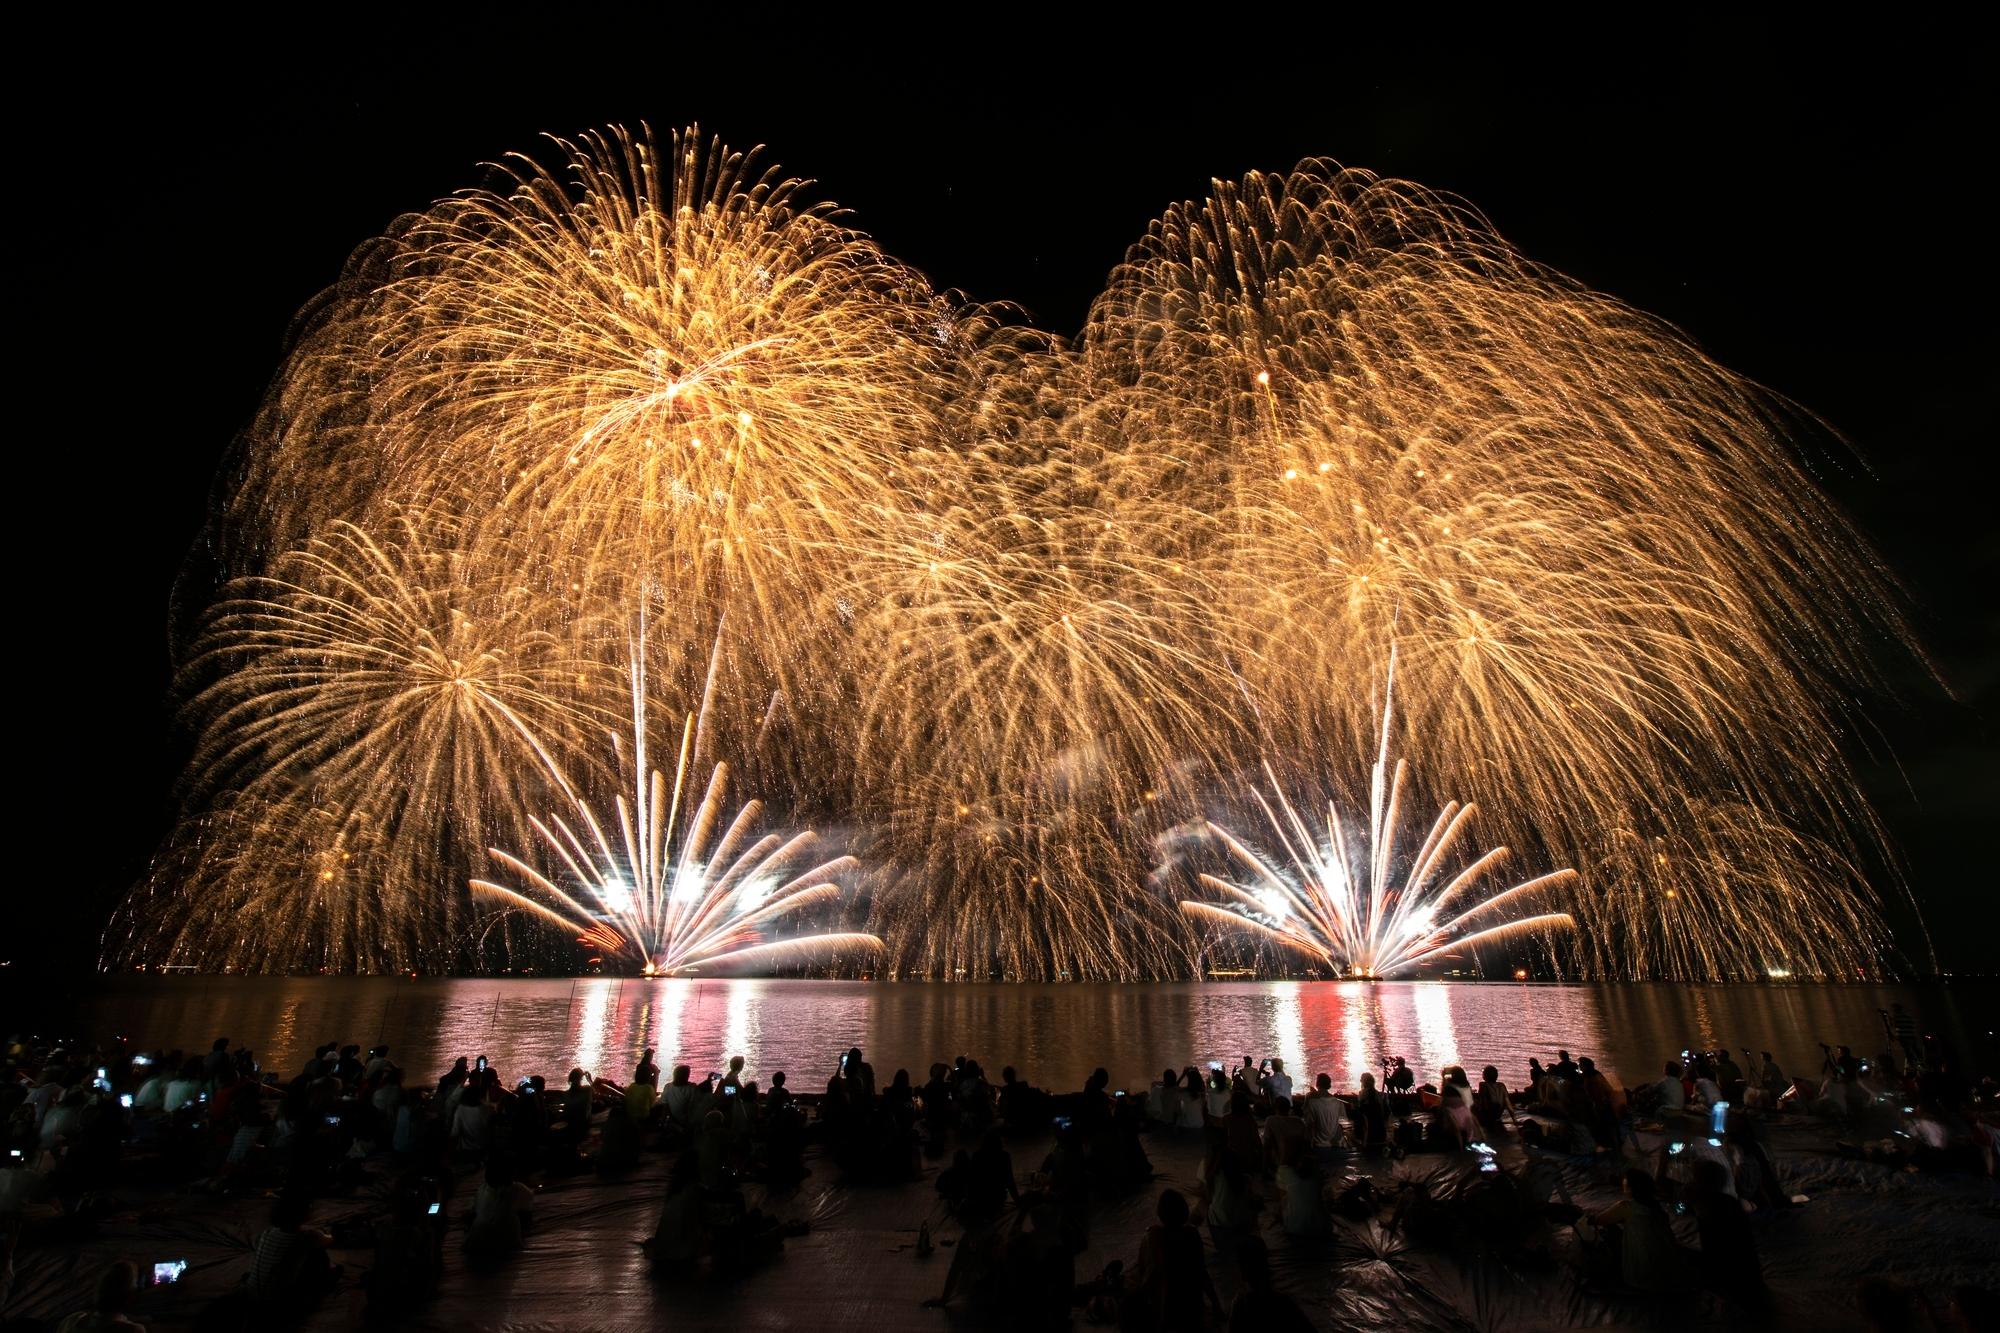 (4) 與日本花火相遇的涼夏夜空